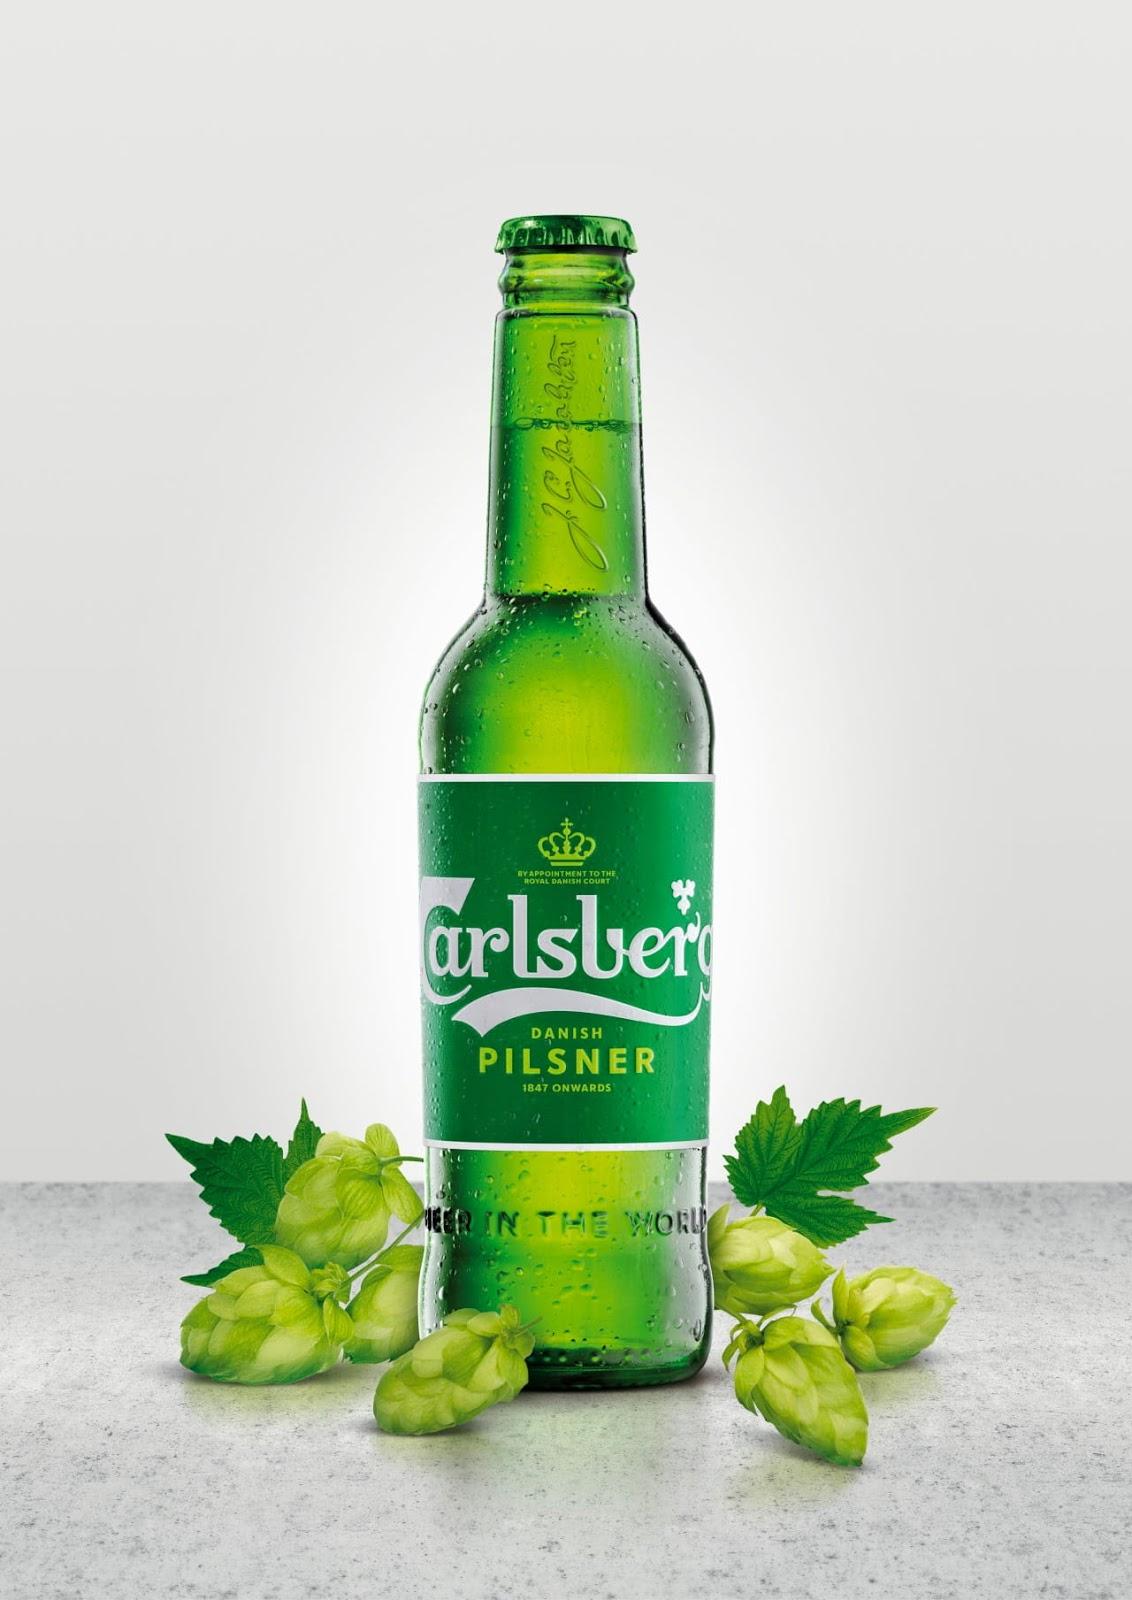 cerveza-Carlsberg-nuevo-logotipo-nuevo-packaging-2018